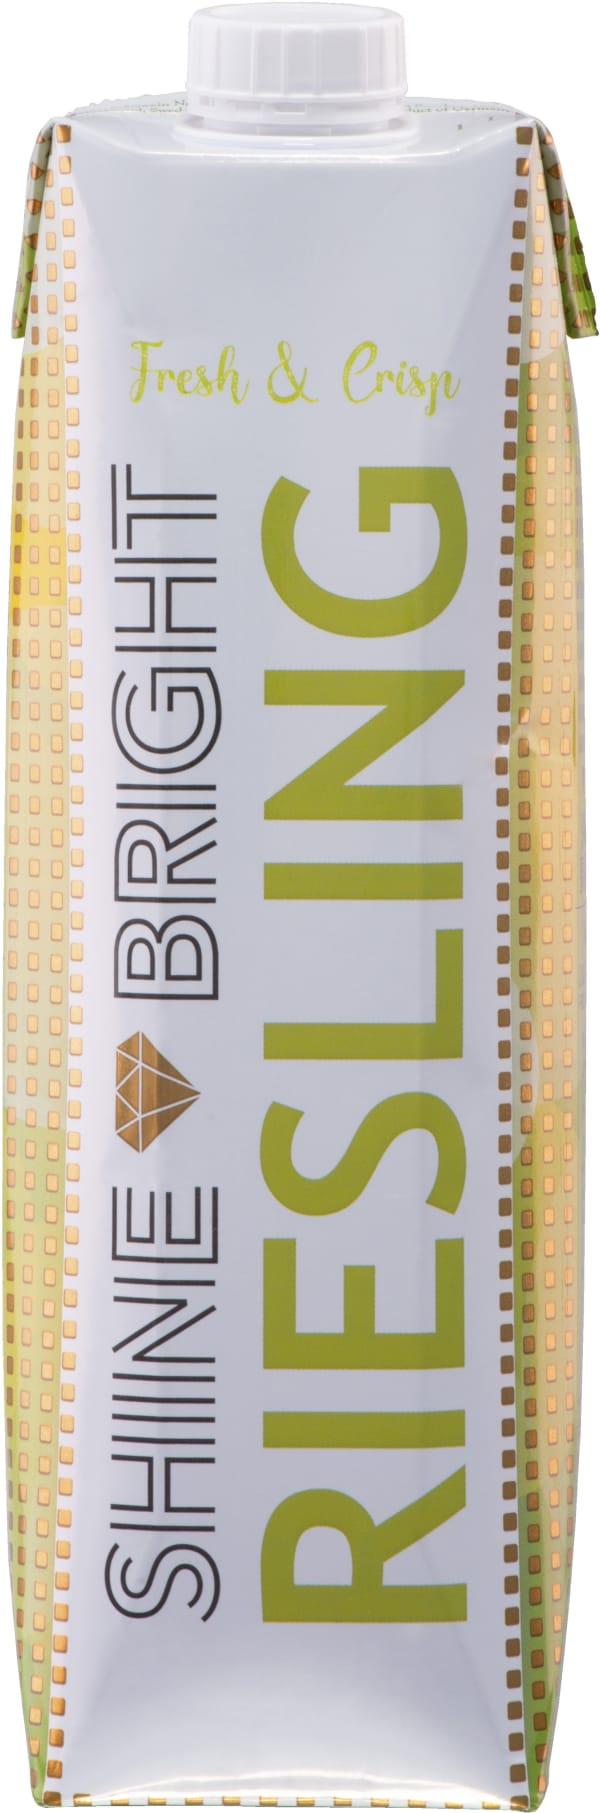 Shine Bright 2018 kartongförpackning